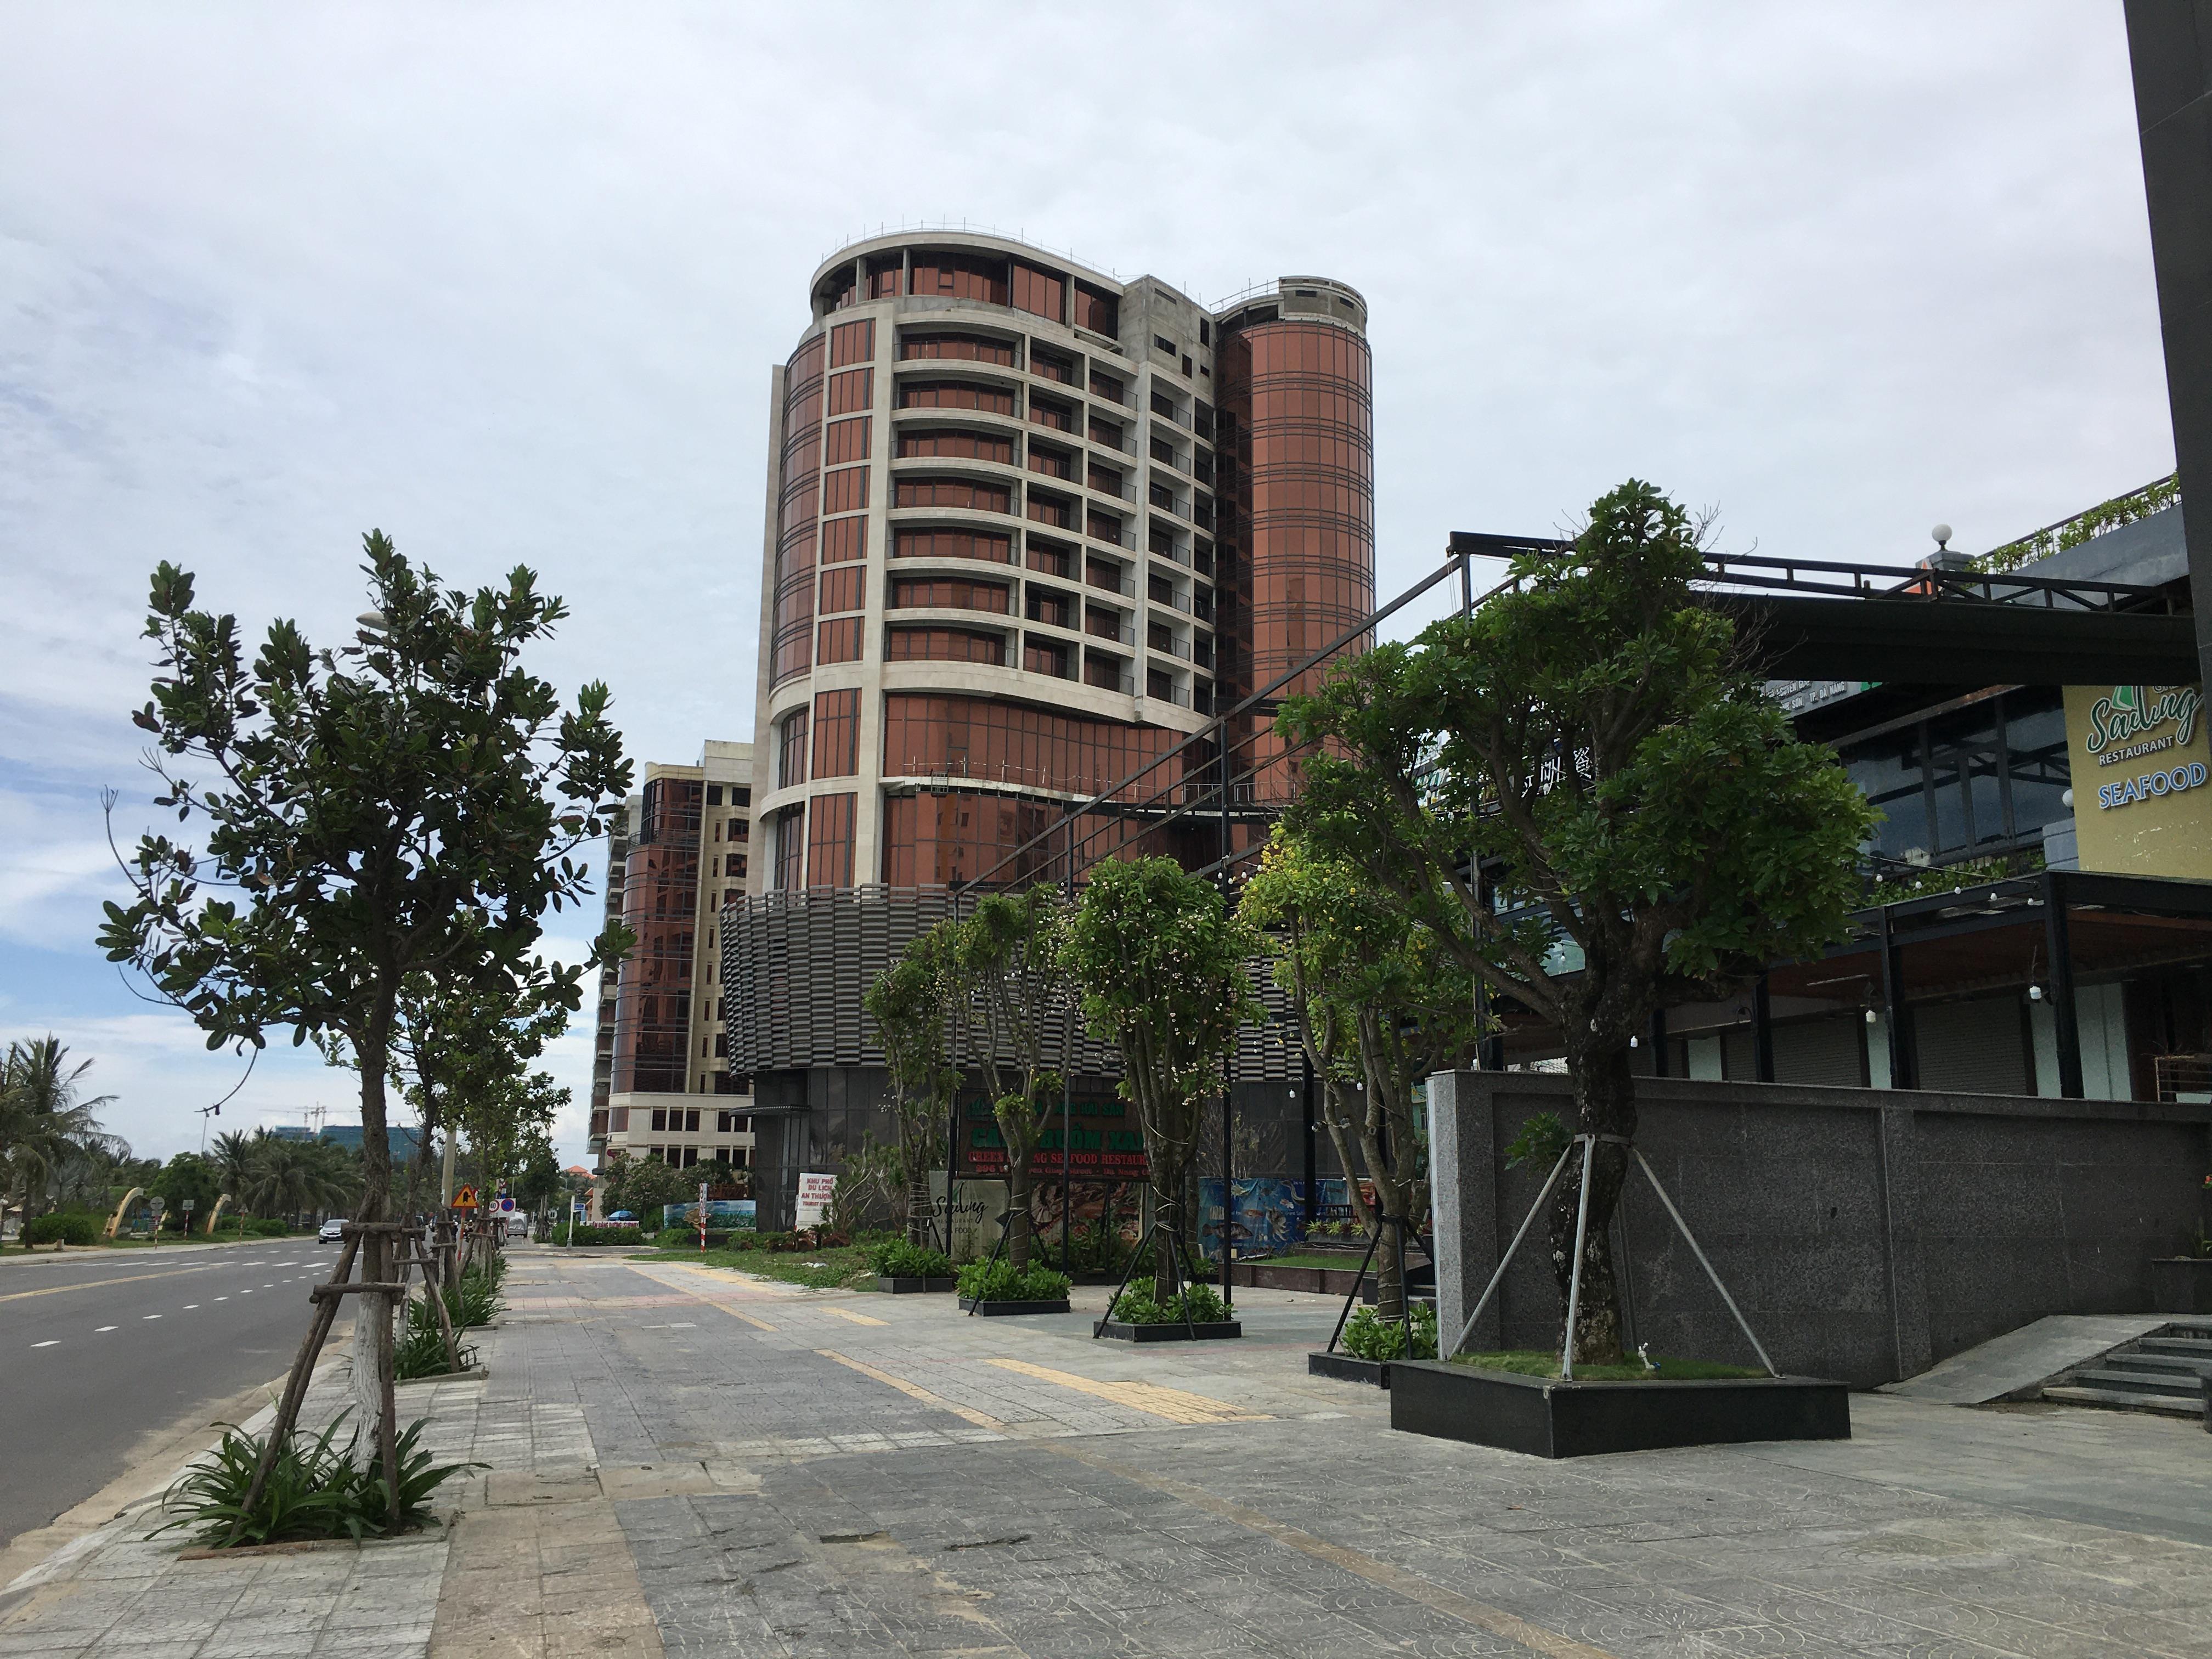 Khách sạn ở Đà Nẵng đóng cửa im ỉm dù chính quyền cho đón khách trở lại - Ảnh 2.